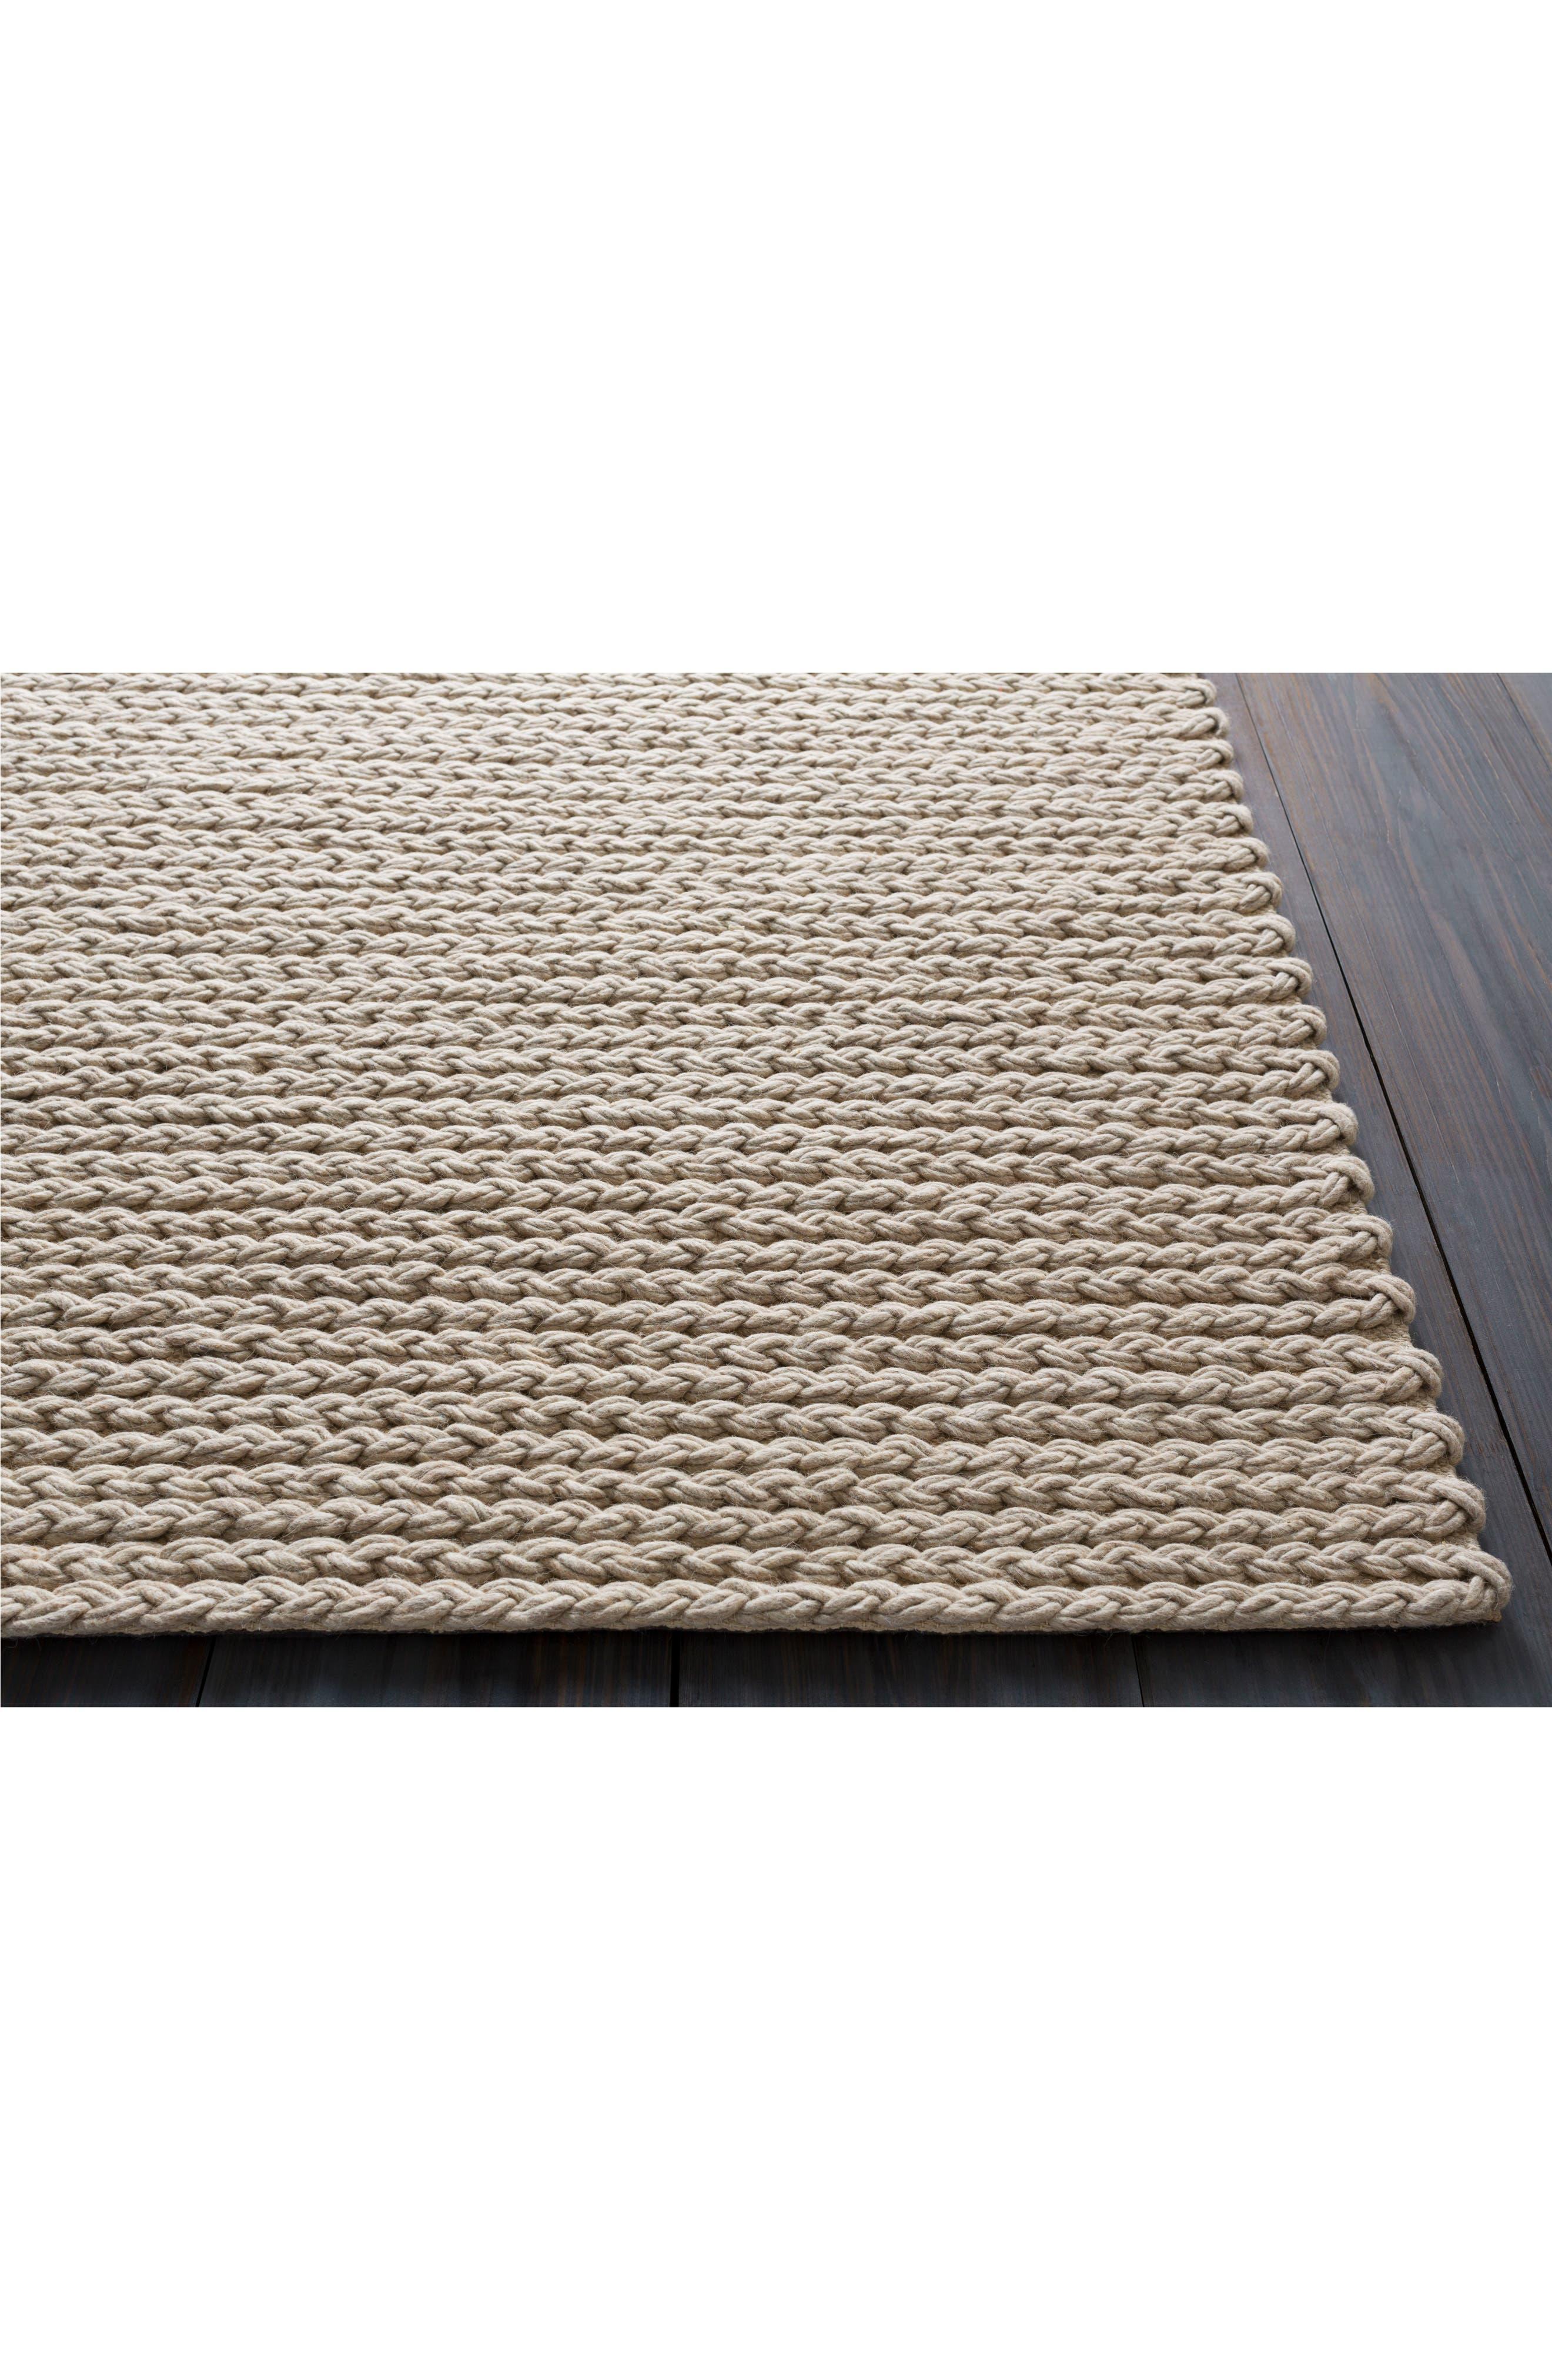 Alternate Image 2  - Surya Home 'Yukon' Hand Woven Wool Rug